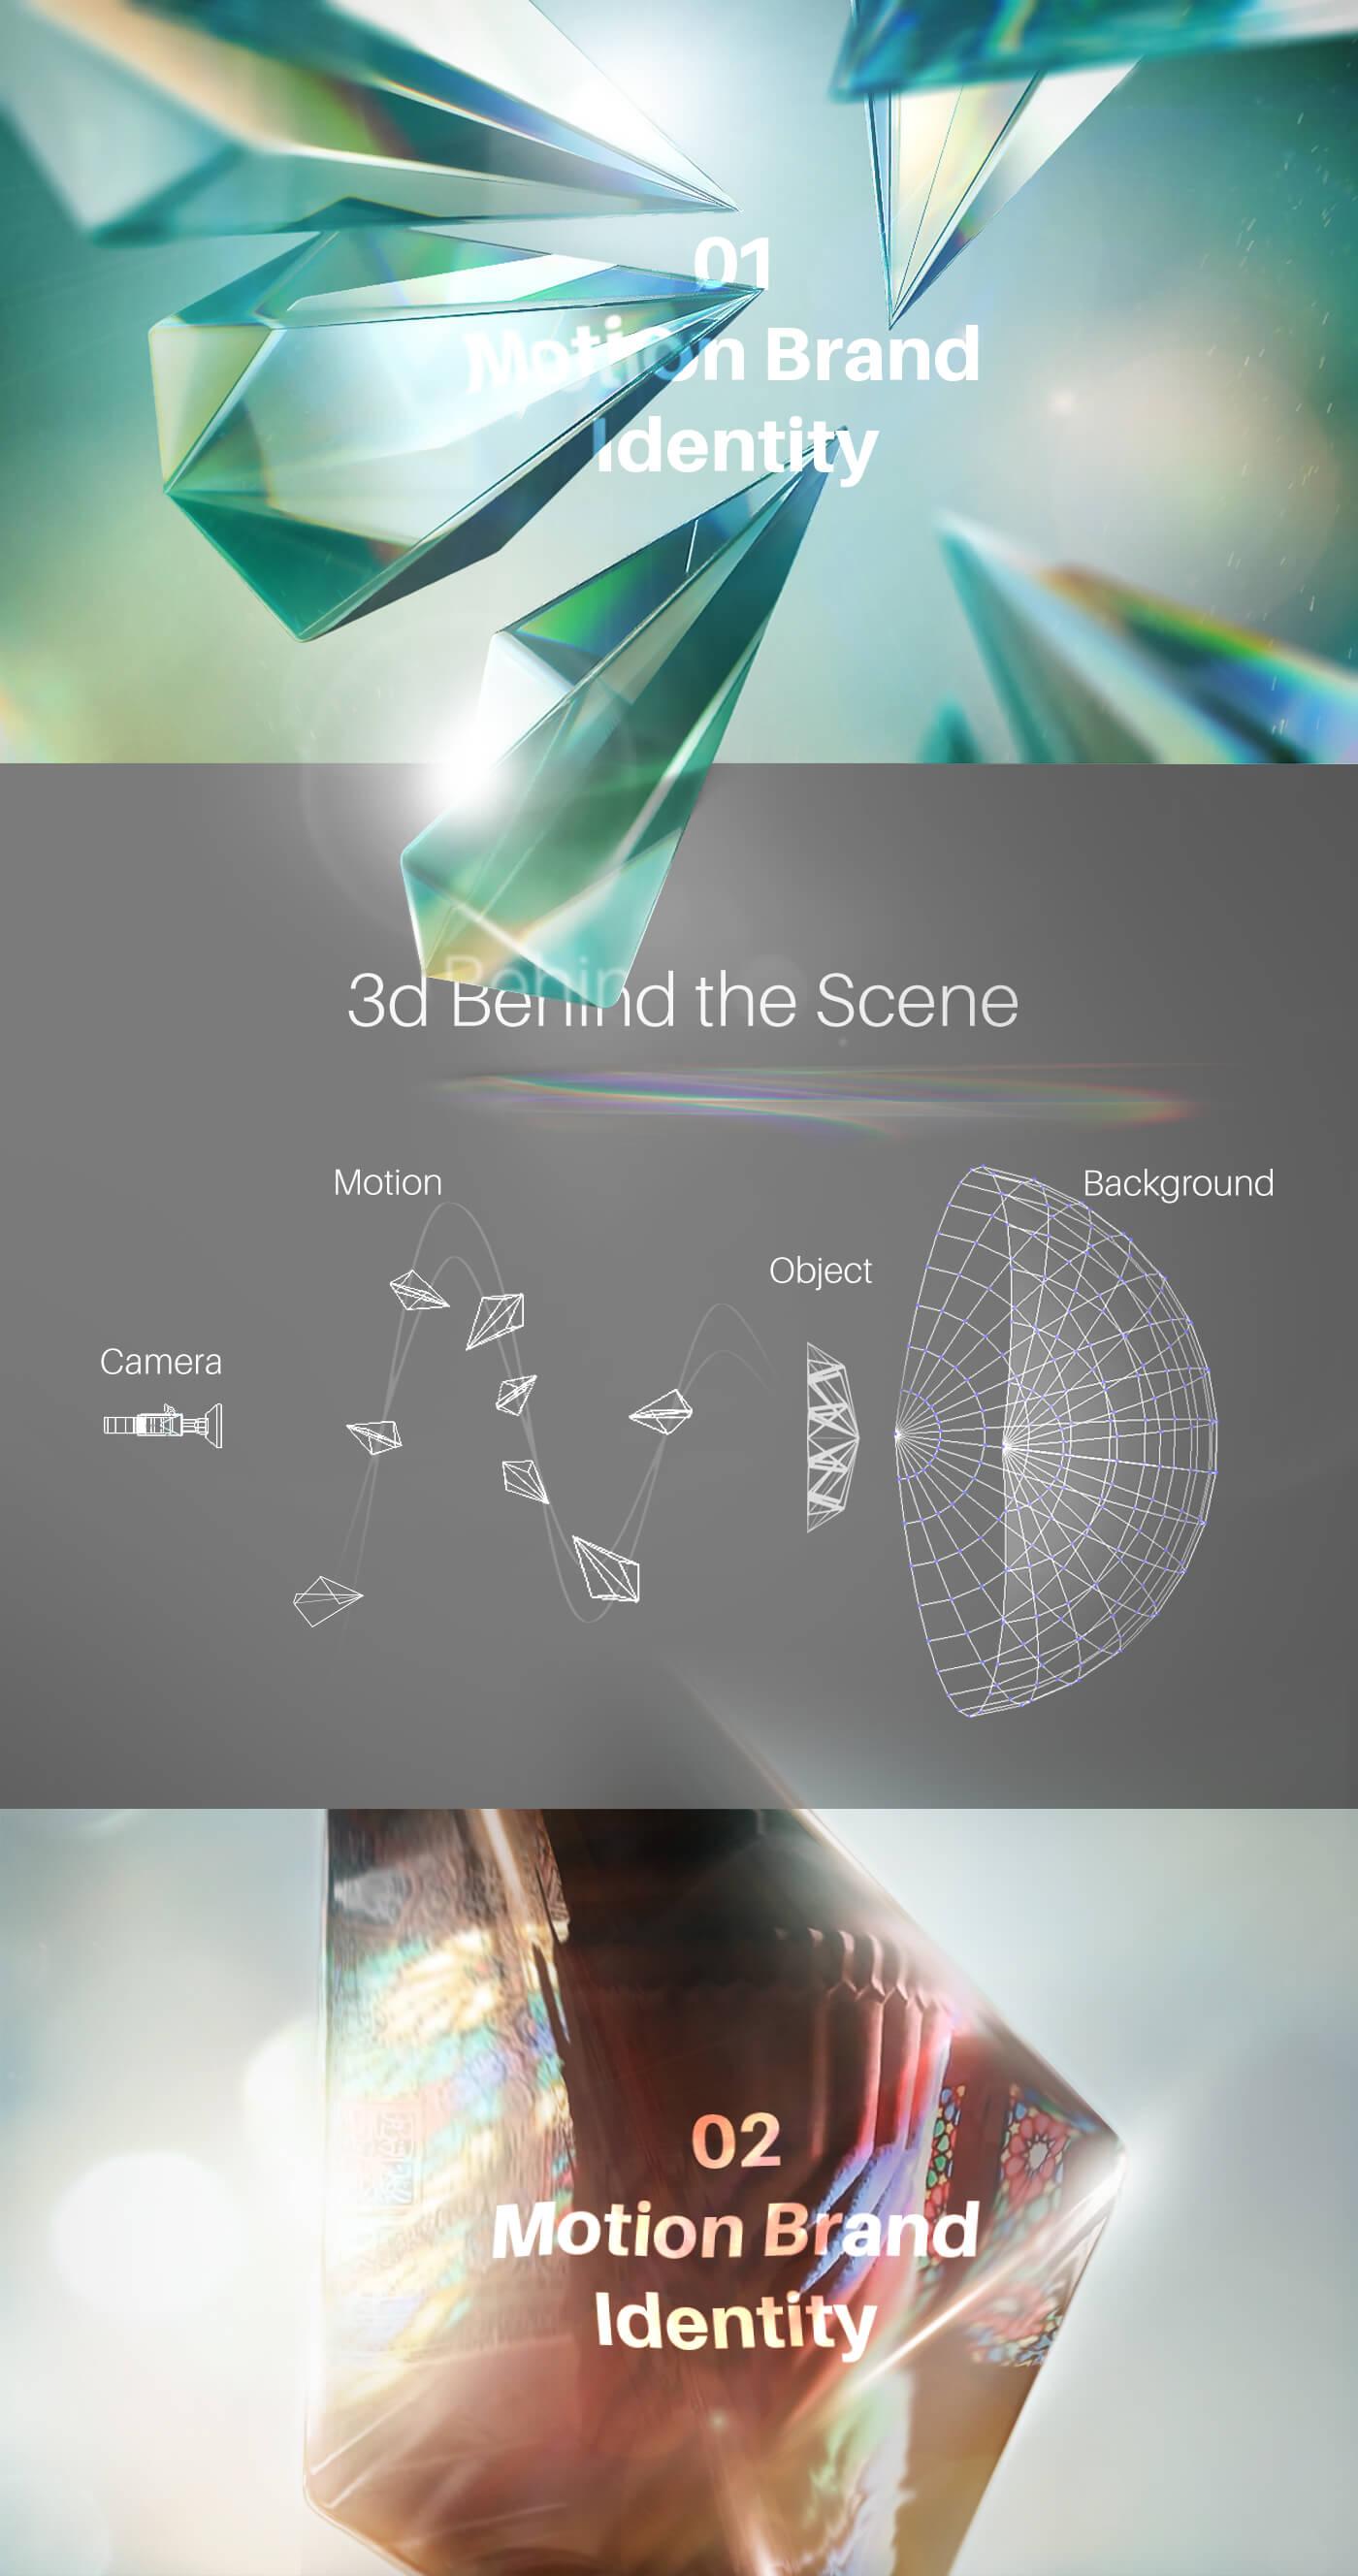 هویت بصری دو بعدی و سه بعدی شبکه چهار سیما 4، دو بعدی و سه بعدی شبکه چهار سیما، هویت بصری، طراحی هویت بصری، شرکت تبلیغاتی الف، طراحی لوگو، طراحی لوگوتابپ، طراحی ست اداری، طراحی اوراق اداری